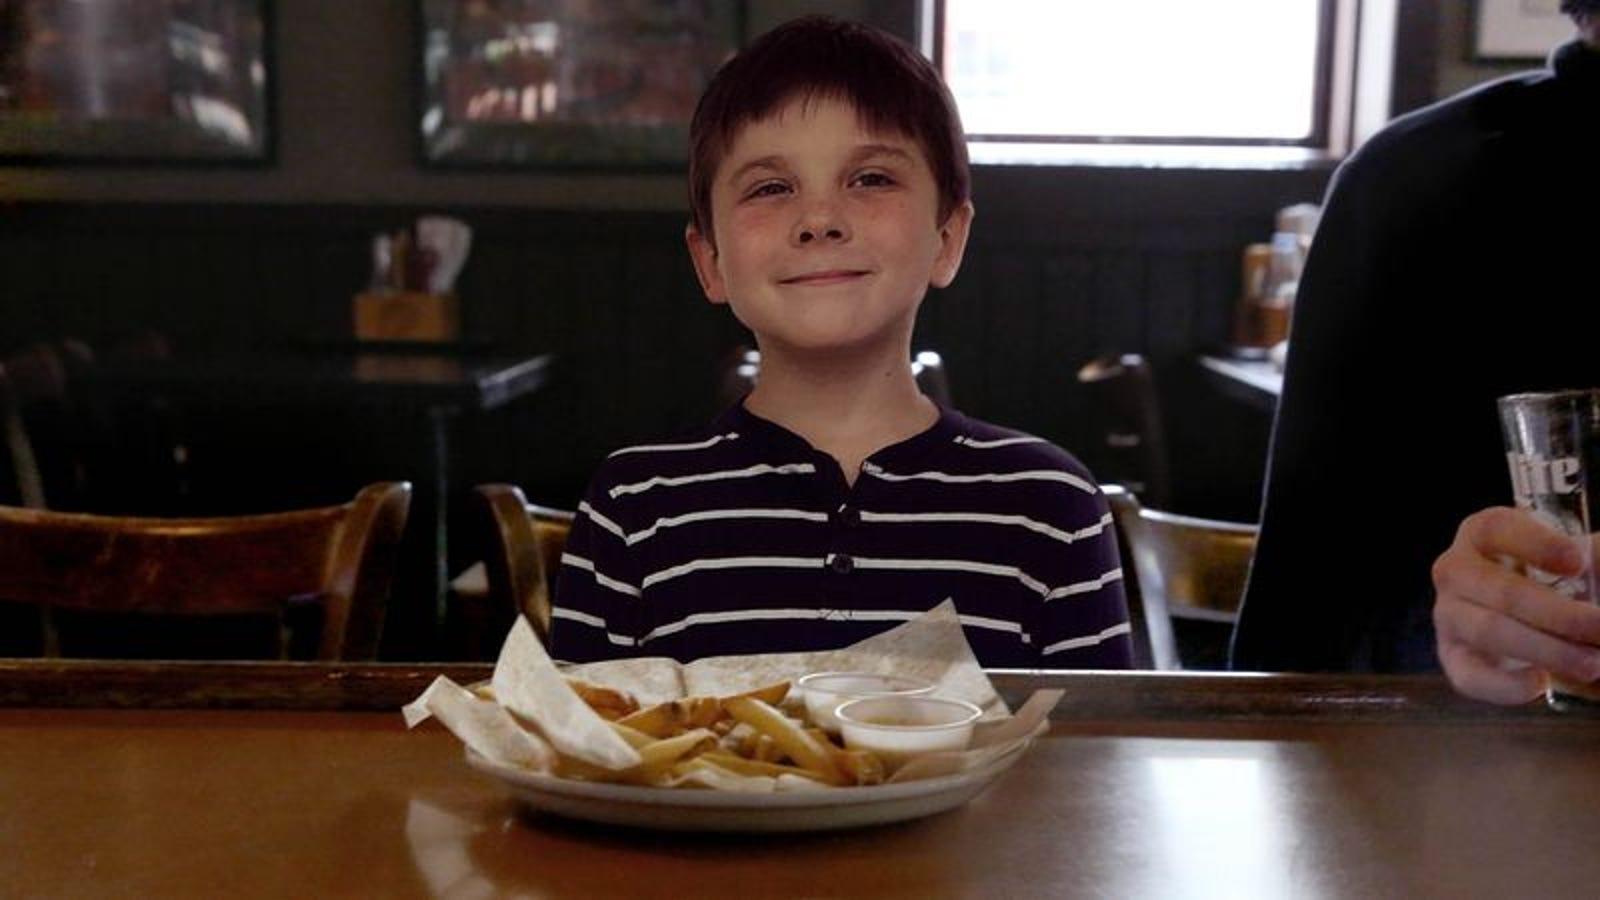 Child's Favorite Restaurant Also Dad's Favorite Bar